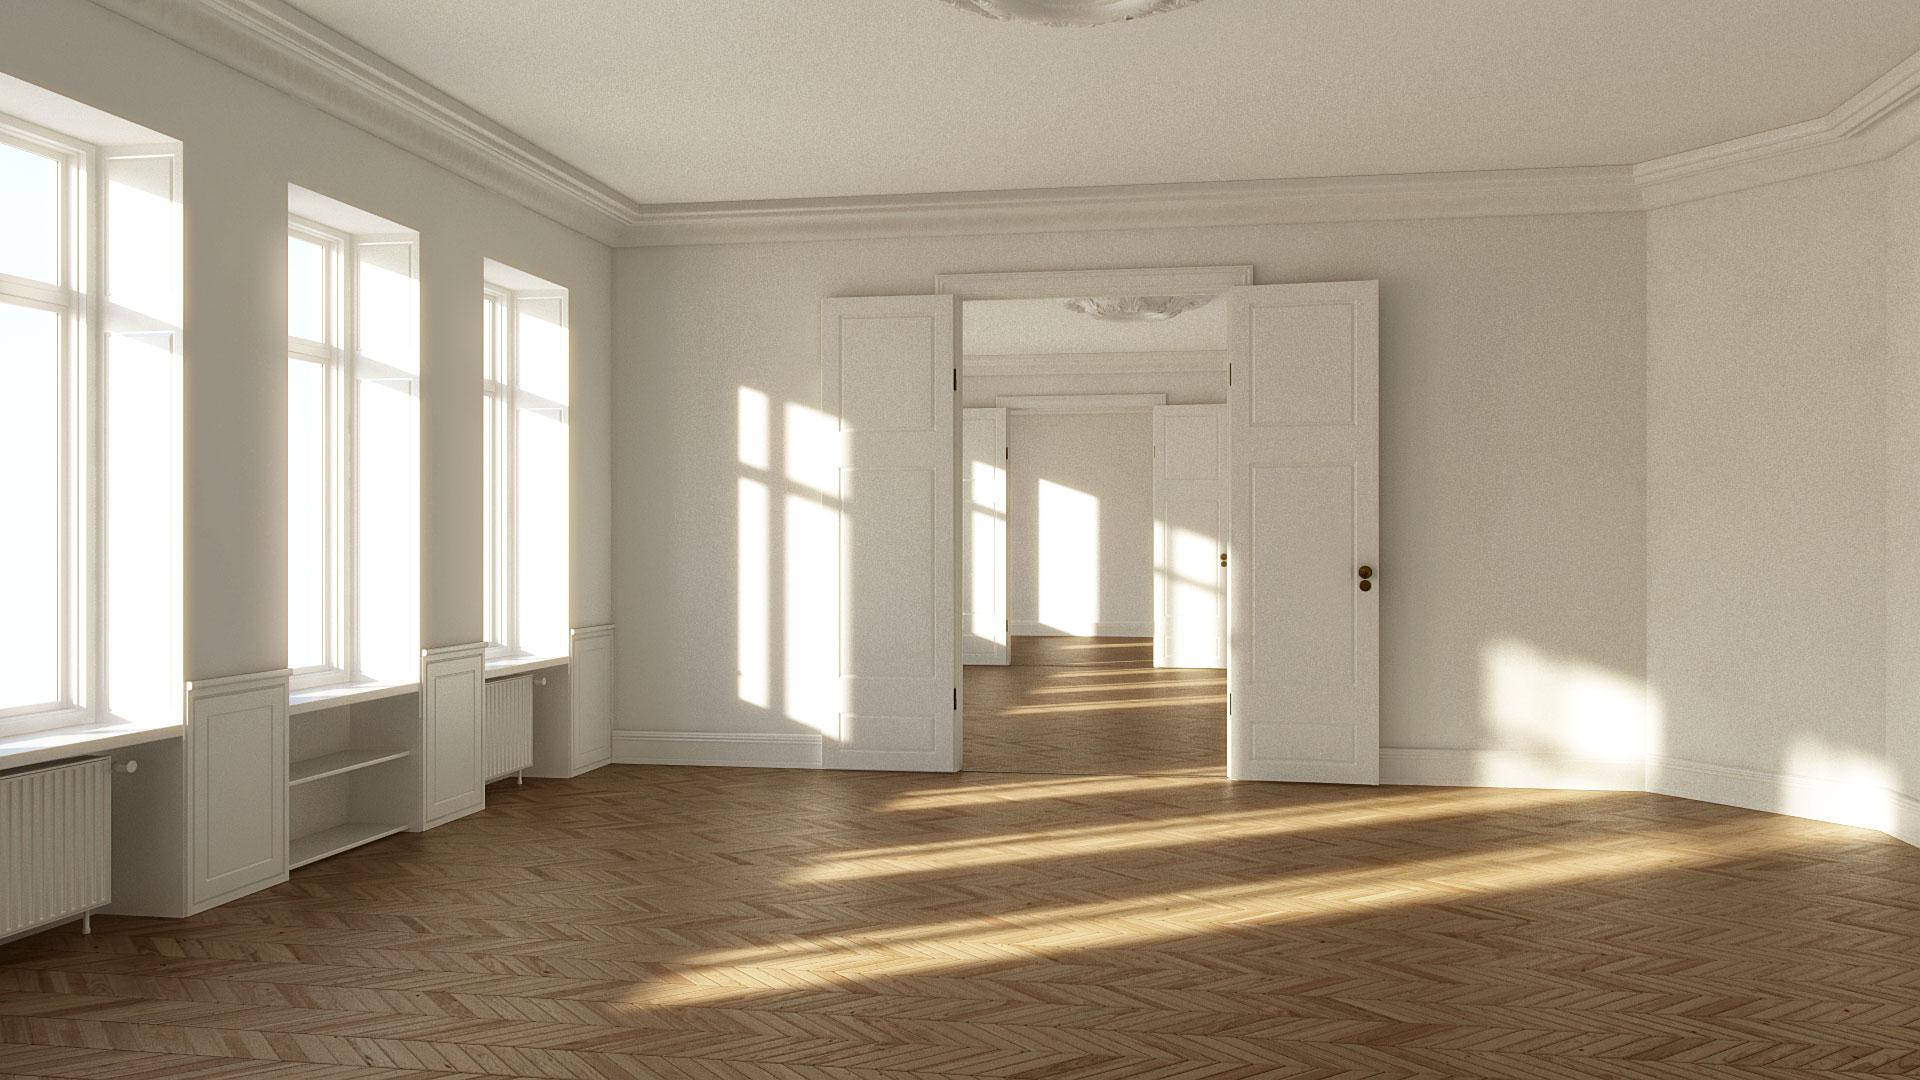 empty apartment house